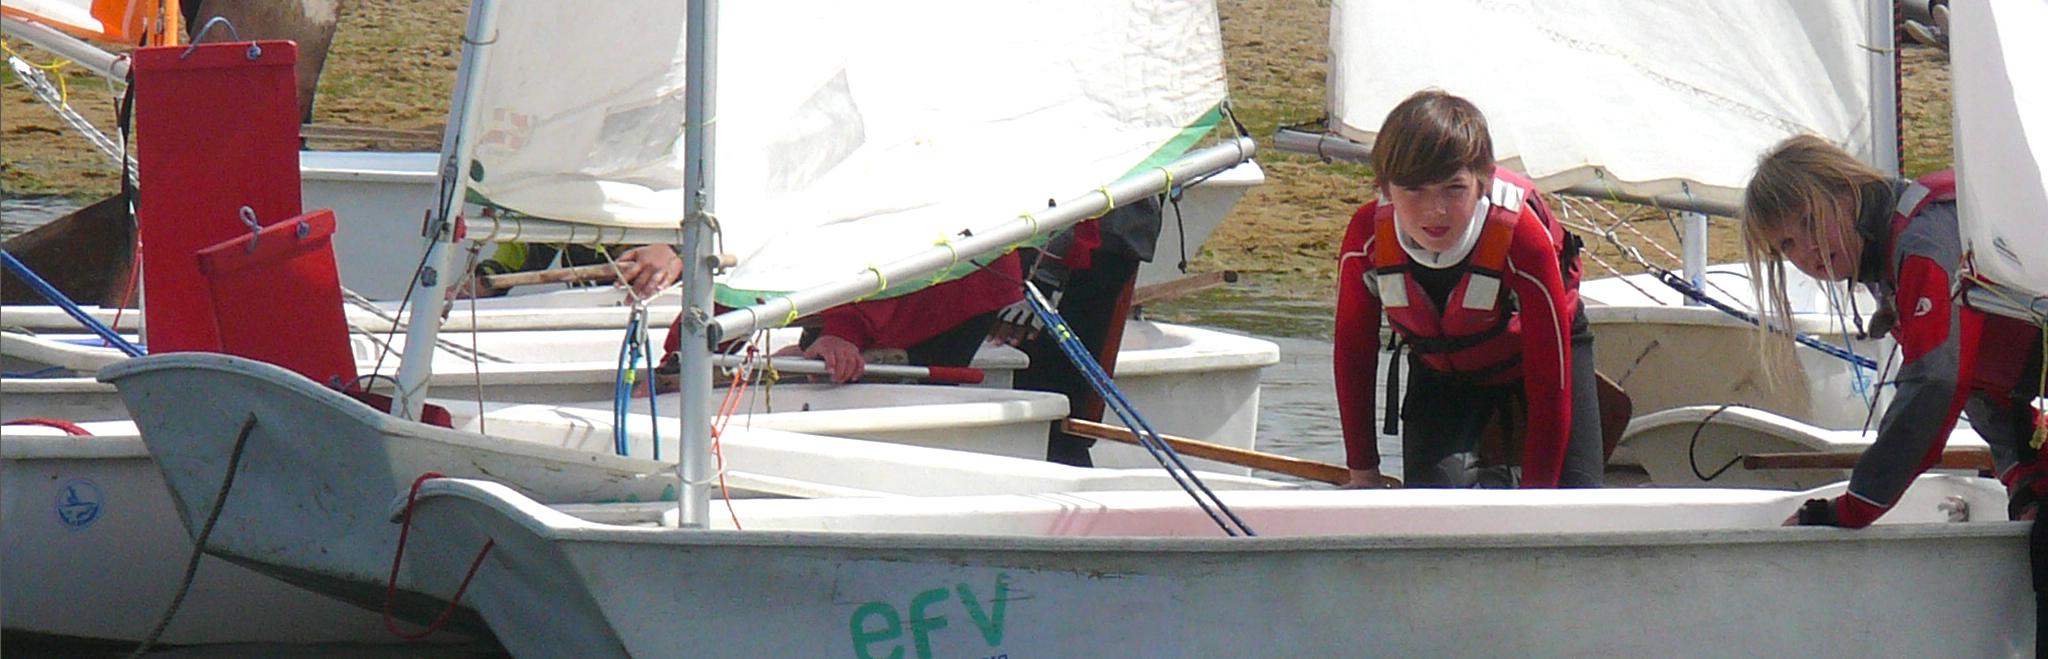 ecole de sport et voilà à l'annee au centre nautique de penestin, sud morbihan